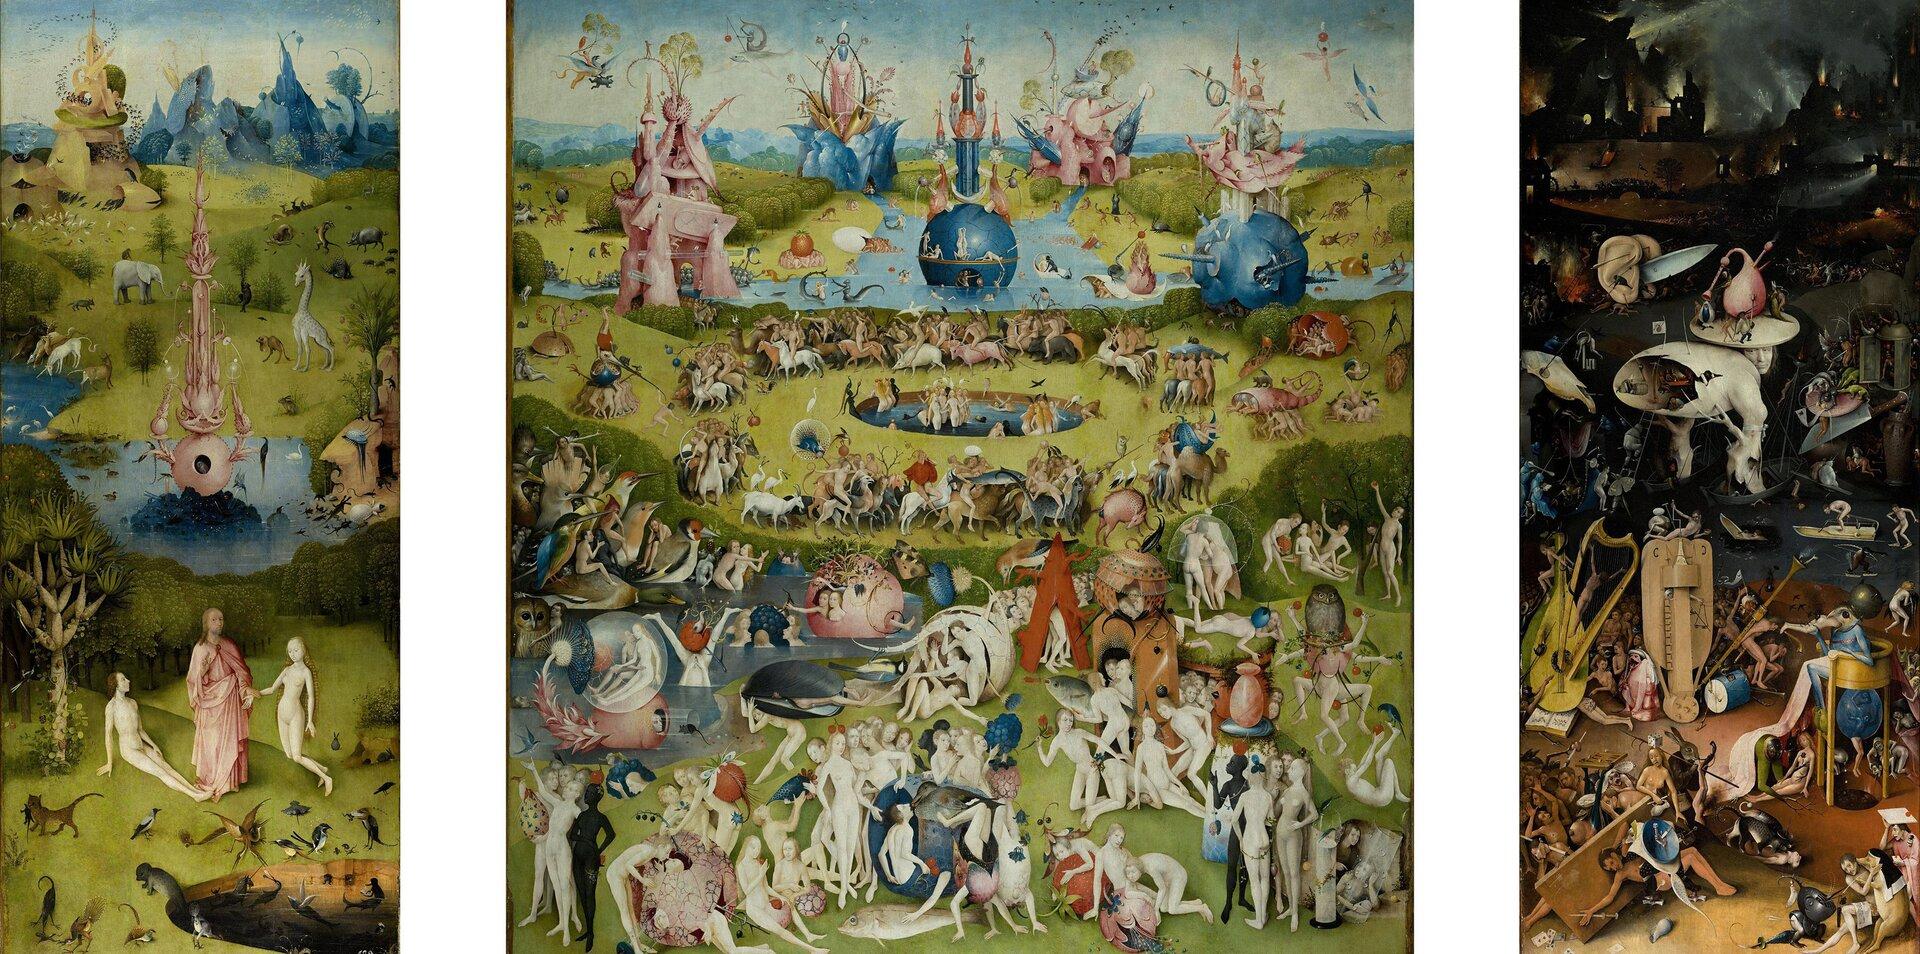 Ogród rozkoszy ziemskich Źródło: Hieronim Bosch, Ogród rozkoszy ziemskich, ok. 1500, olej na desce, Prado, Madryt, domena publiczna.